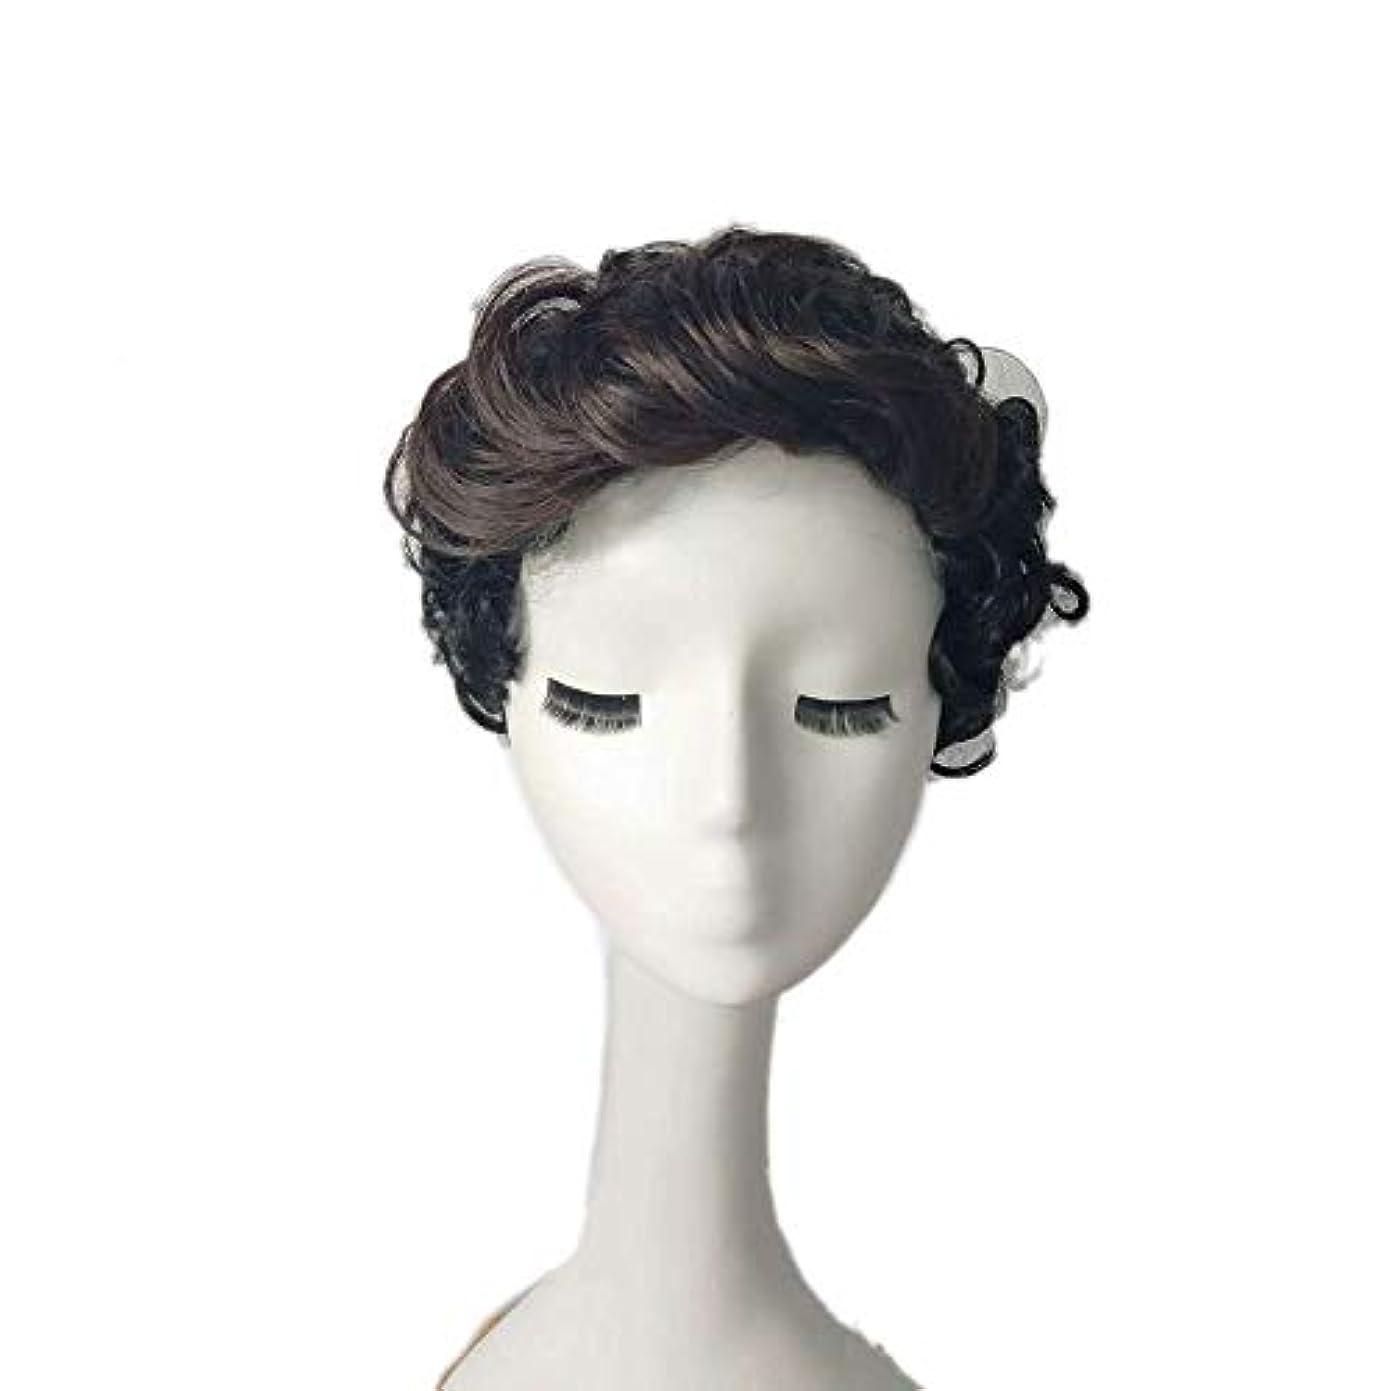 方言フクロウ理想的YOUQIU カーリーウェーブ人工毛ショートボブカーリーヘアウィッグ女性耐熱ファイバーウィッグの場合 (色 : 黒)